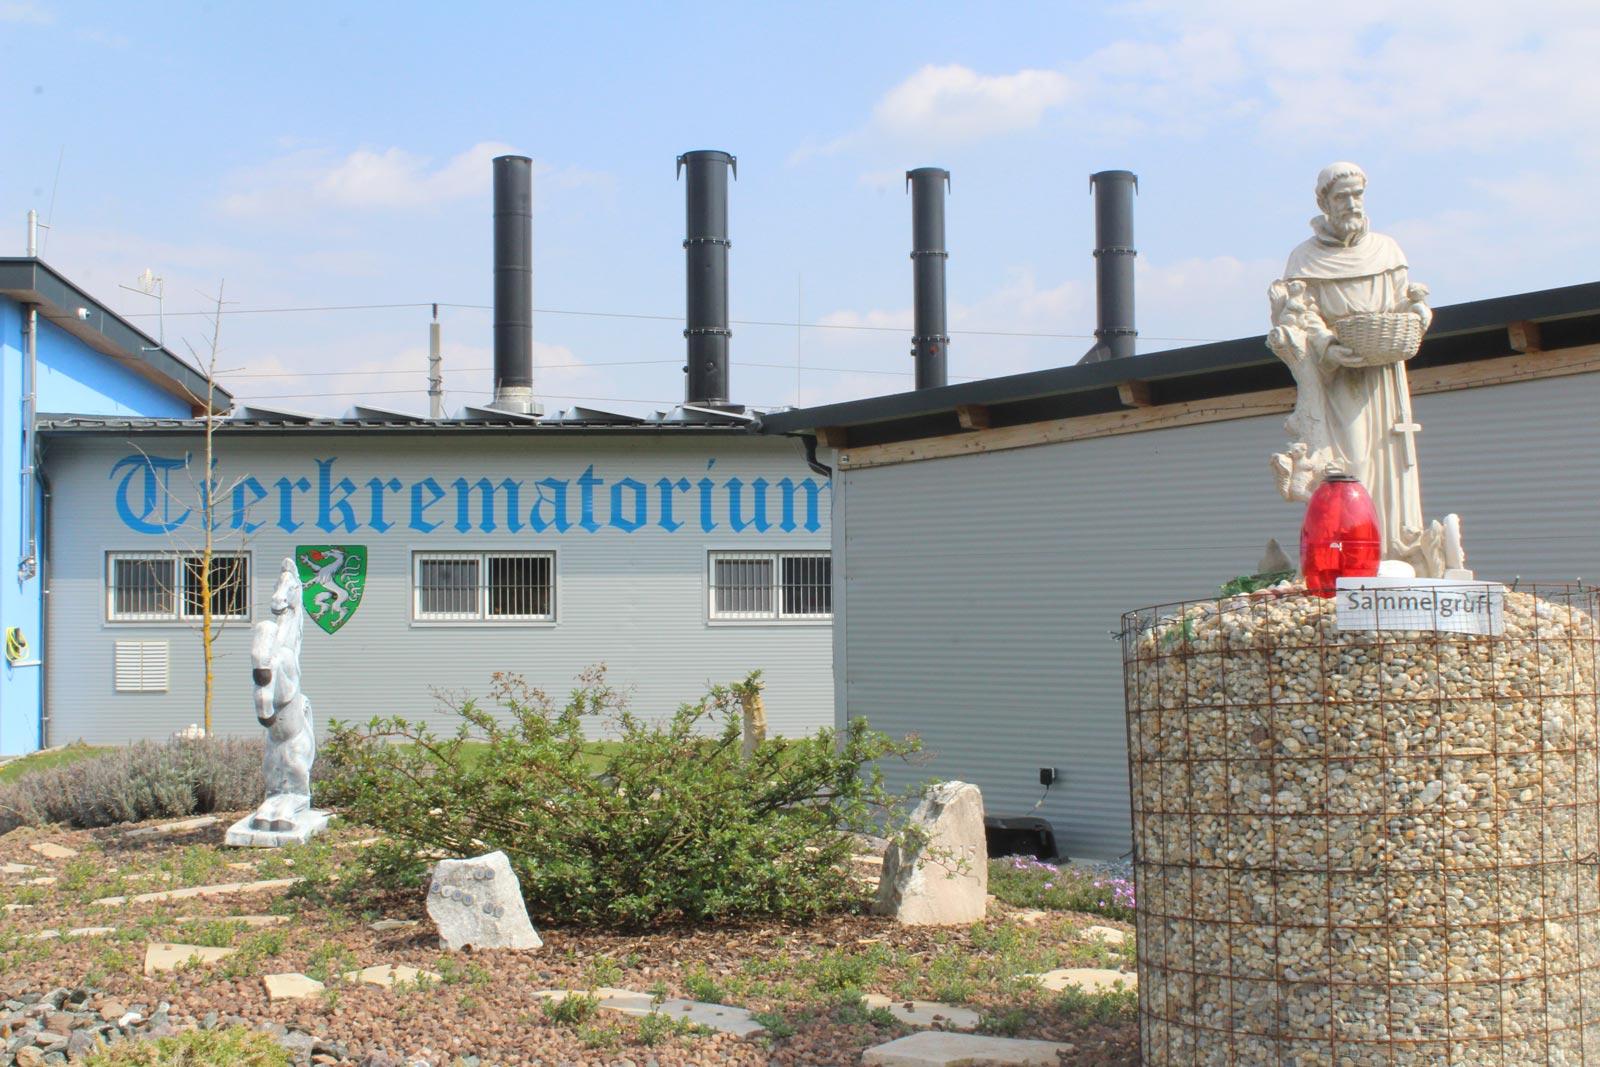 Tierkrematorium_Lebring_Kremieren_Haustiere_Sammelgruft02